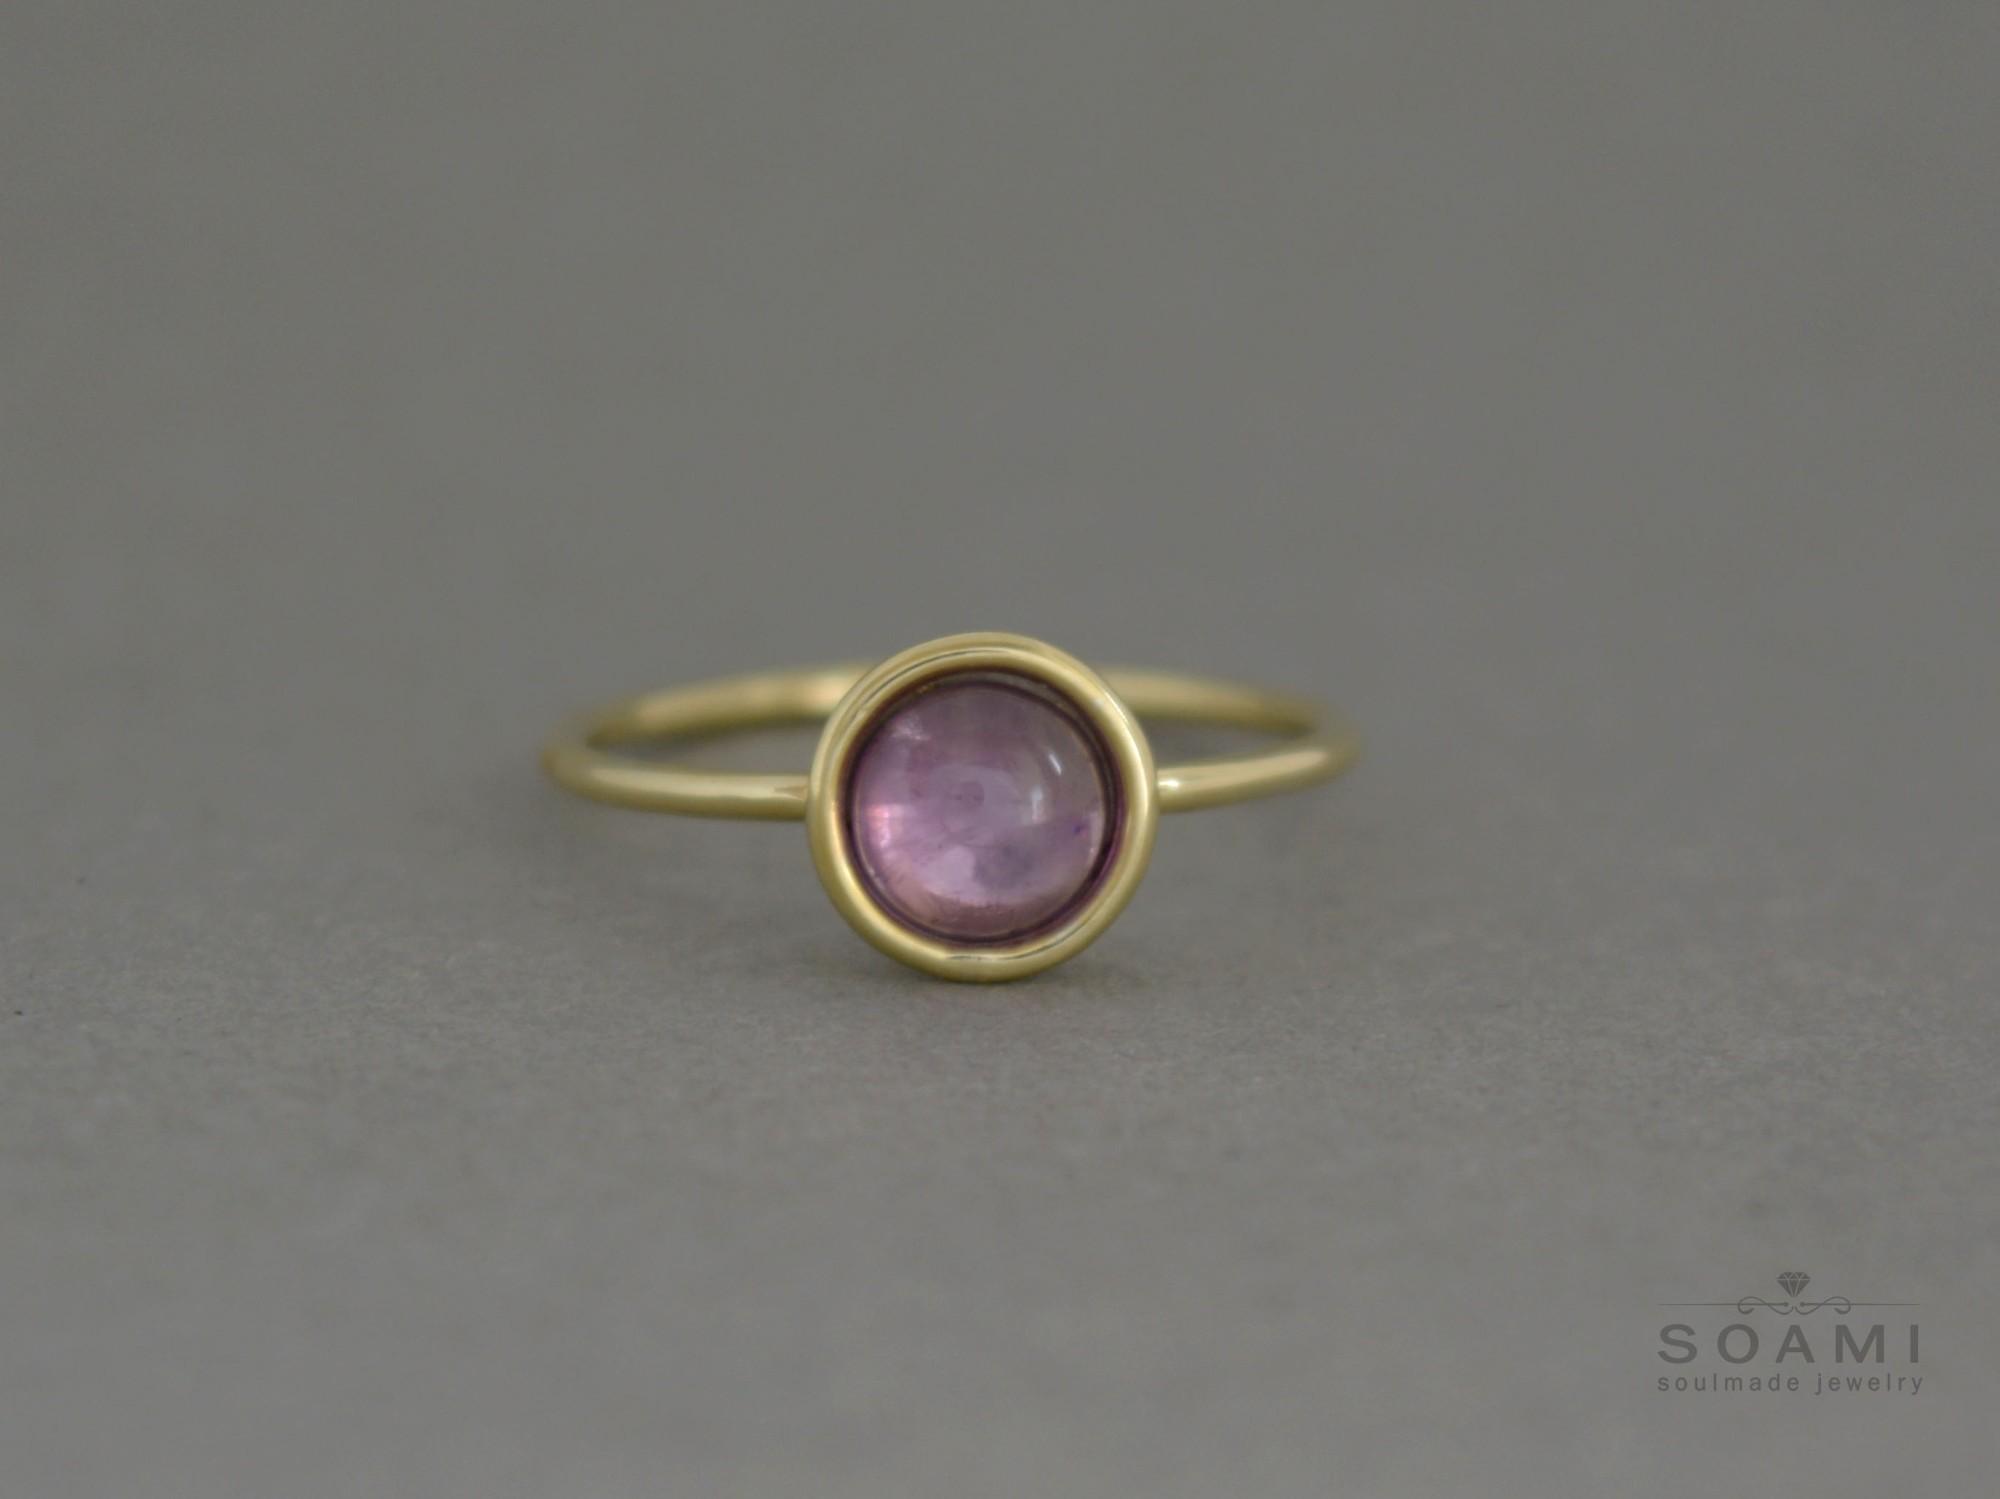 prsten s ametystem Ami, zluté zlato 585, přírodní ametyst